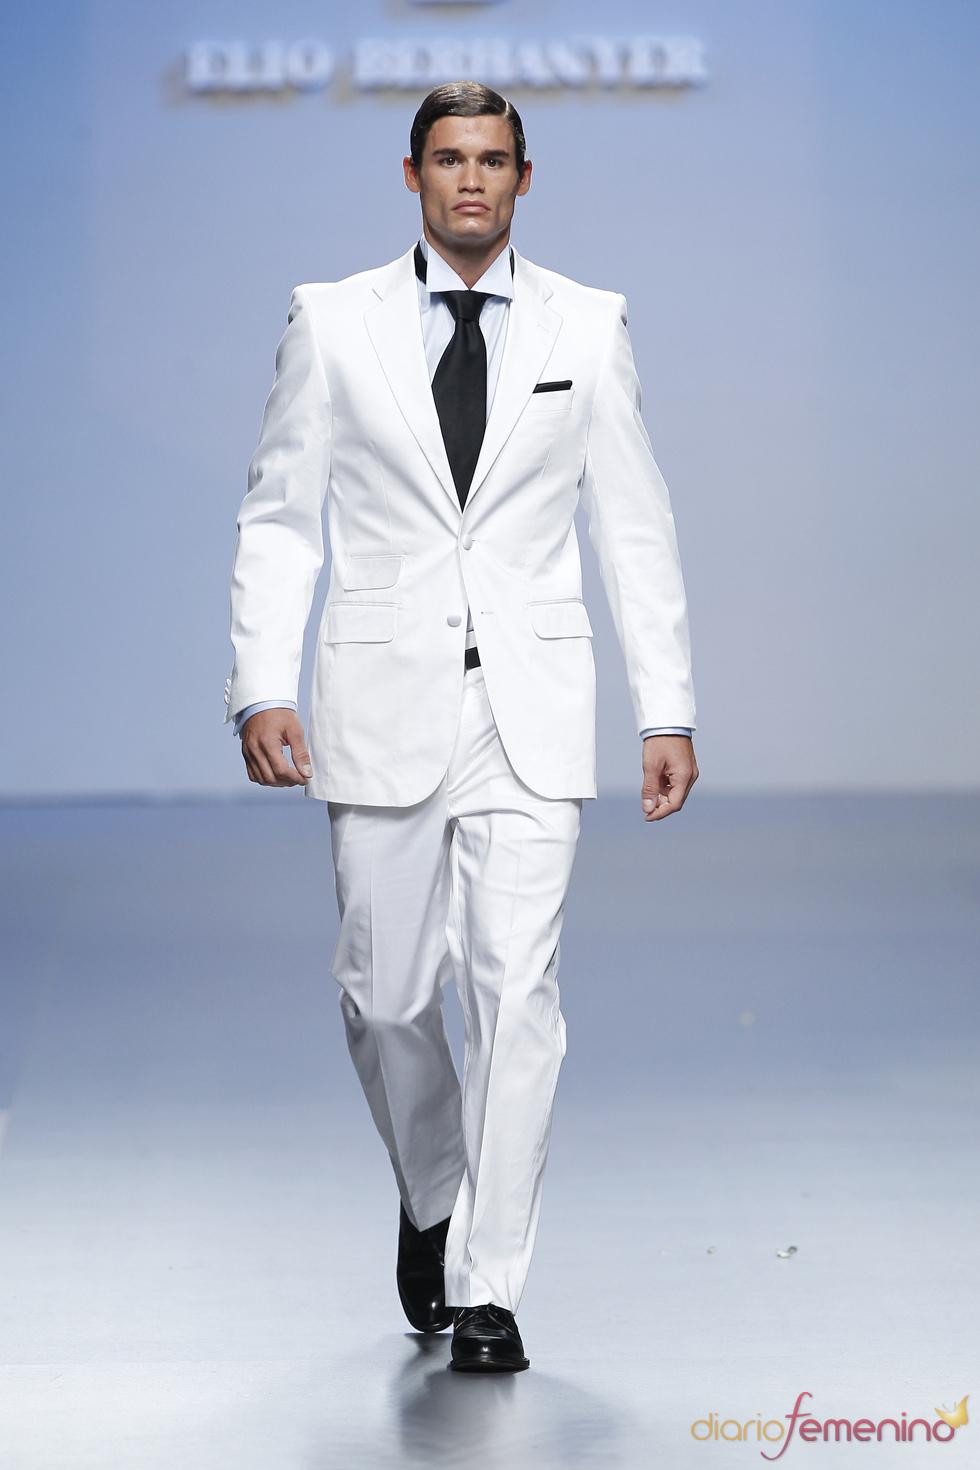 Los trajes de hombre deben combinarse adecuadamente con camisas. Para los modelos formales usa camisas lisas y para los modelos más casual apuesta por el color y los estampados discretos. Para los modelos formales usa camisas lisas y para los modelos más casual apuesta por el color y los estampados discretos.